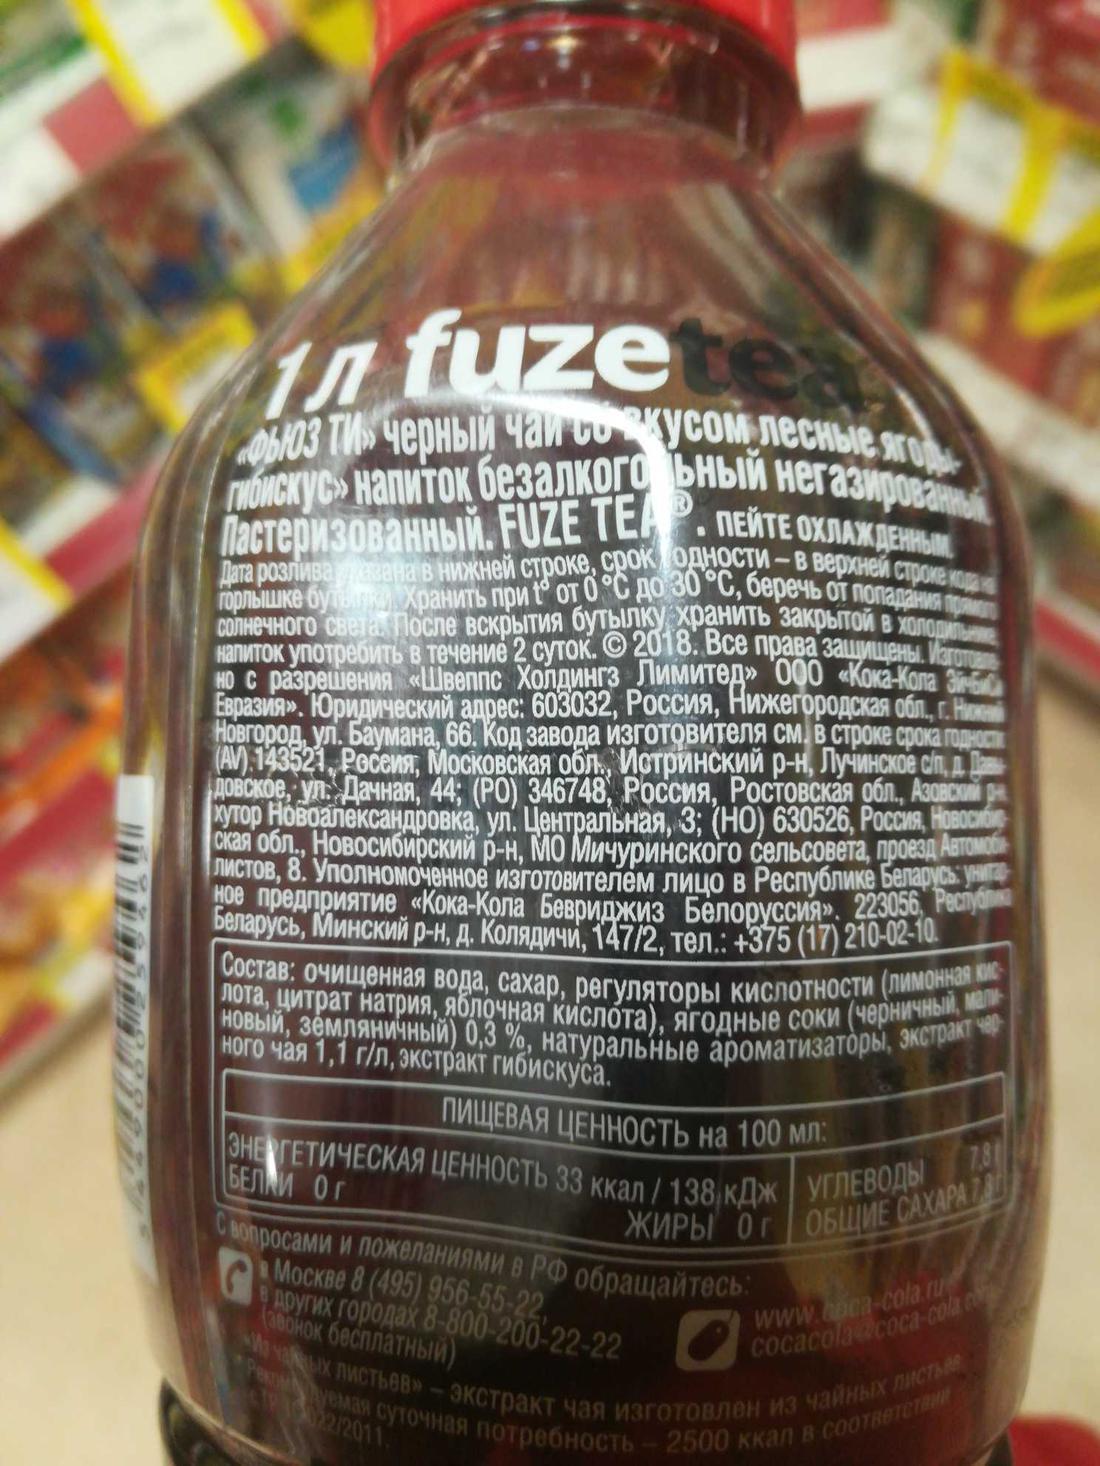 отзыв fuzetea - чёрный чай. лесные ягоды - гибискус